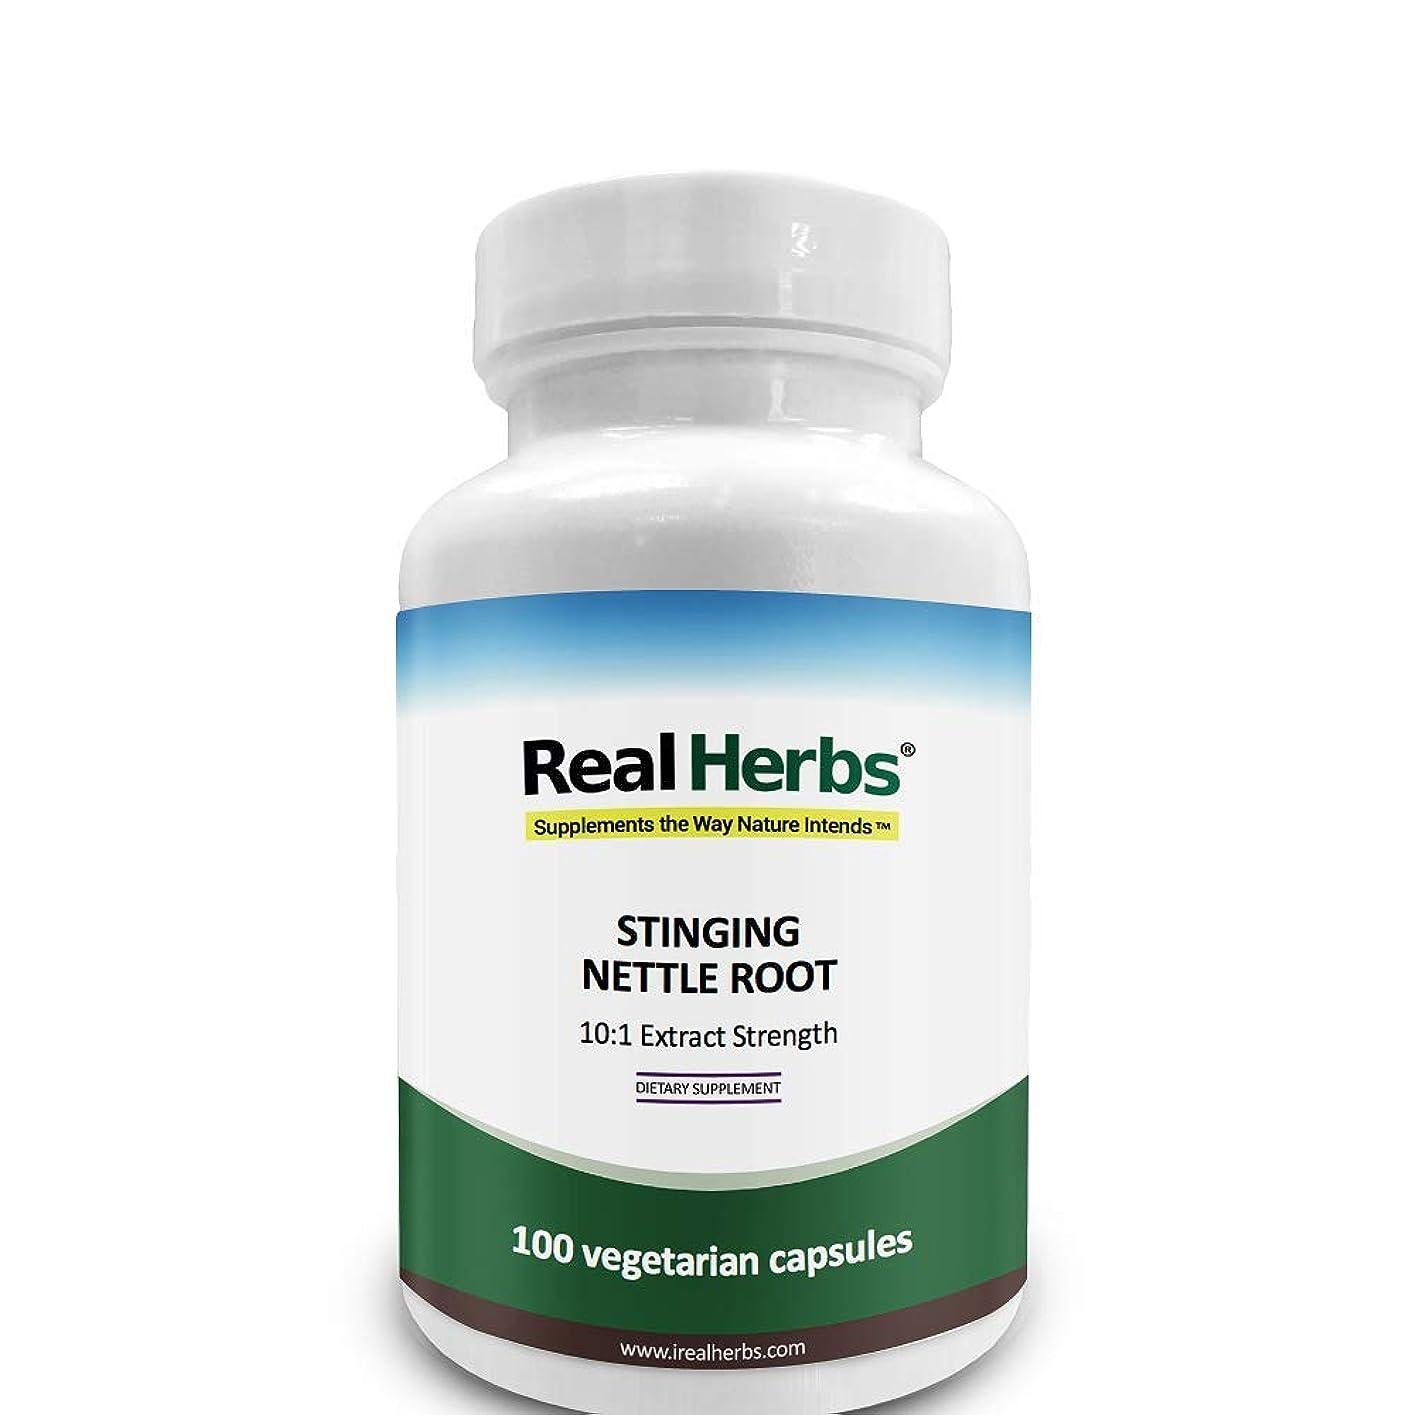 圧縮持つ学士Real Herbs のネトルルートエキストラクト (Stinging Nettle Root) - 750mg - 100ベジタリアンカプセル - アメリカ製 - 海外直送品